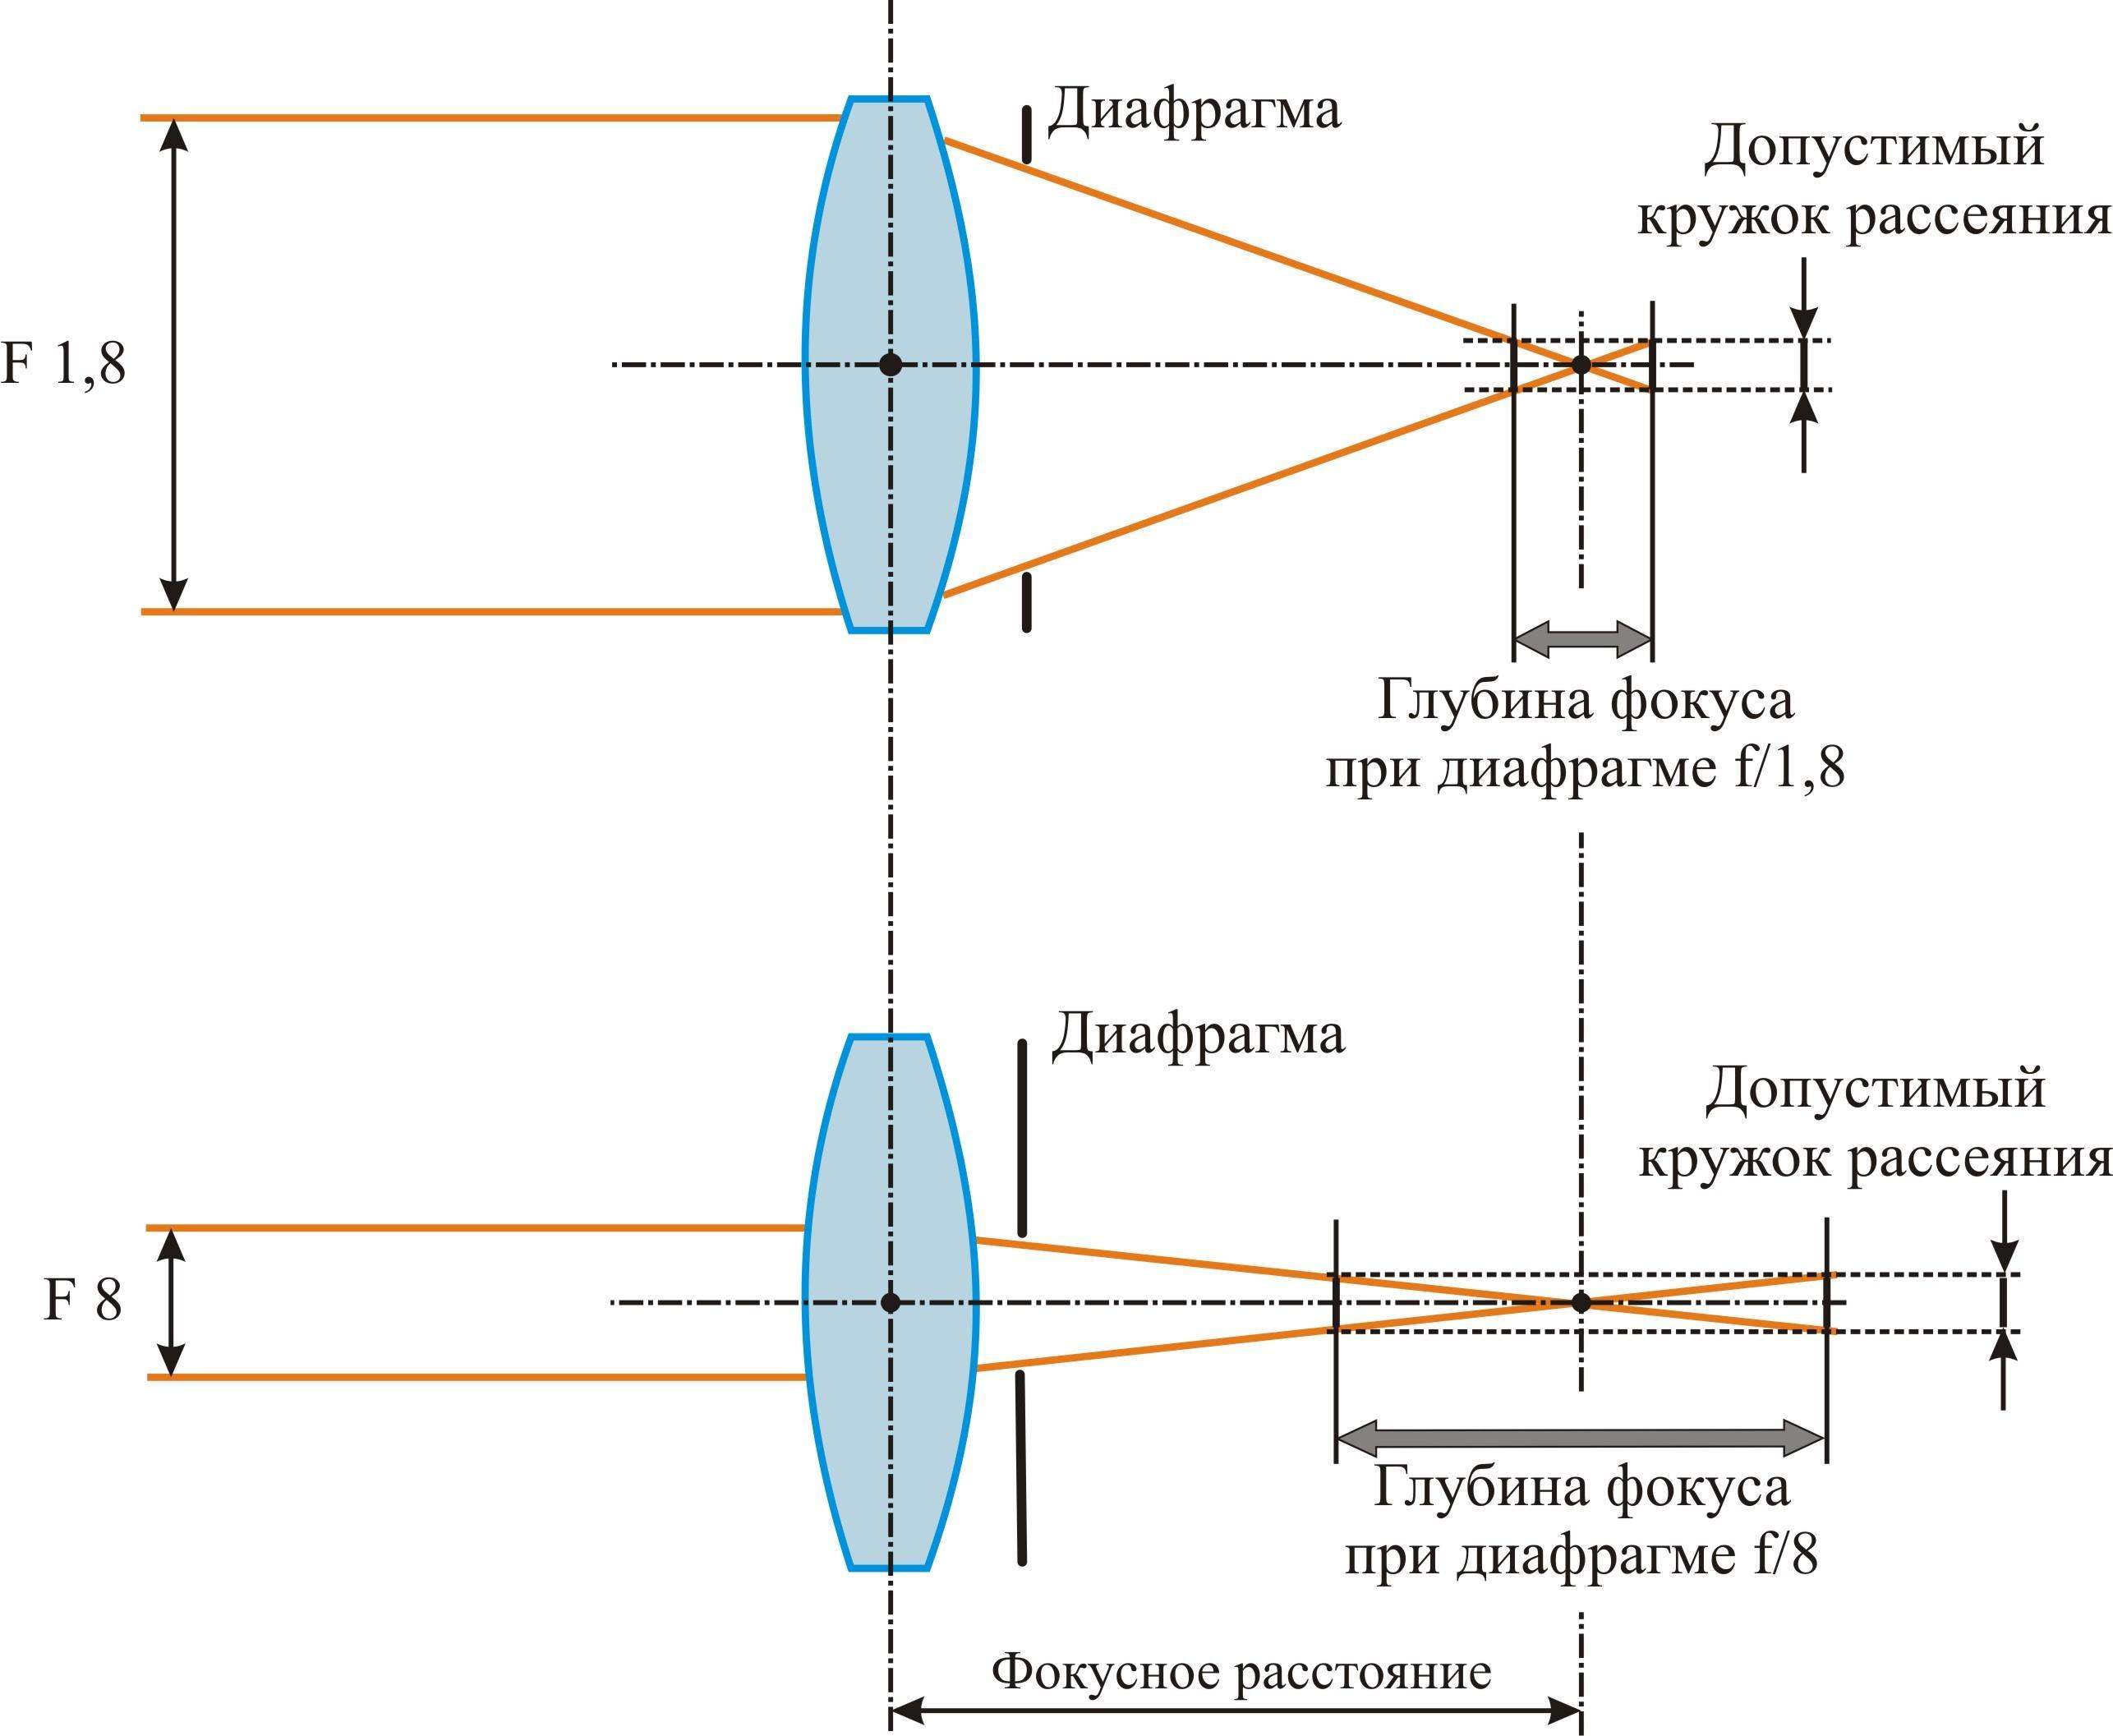 обои на что влияет фокусное расстояние в фотоаппарате сочетаются гармоничный образ